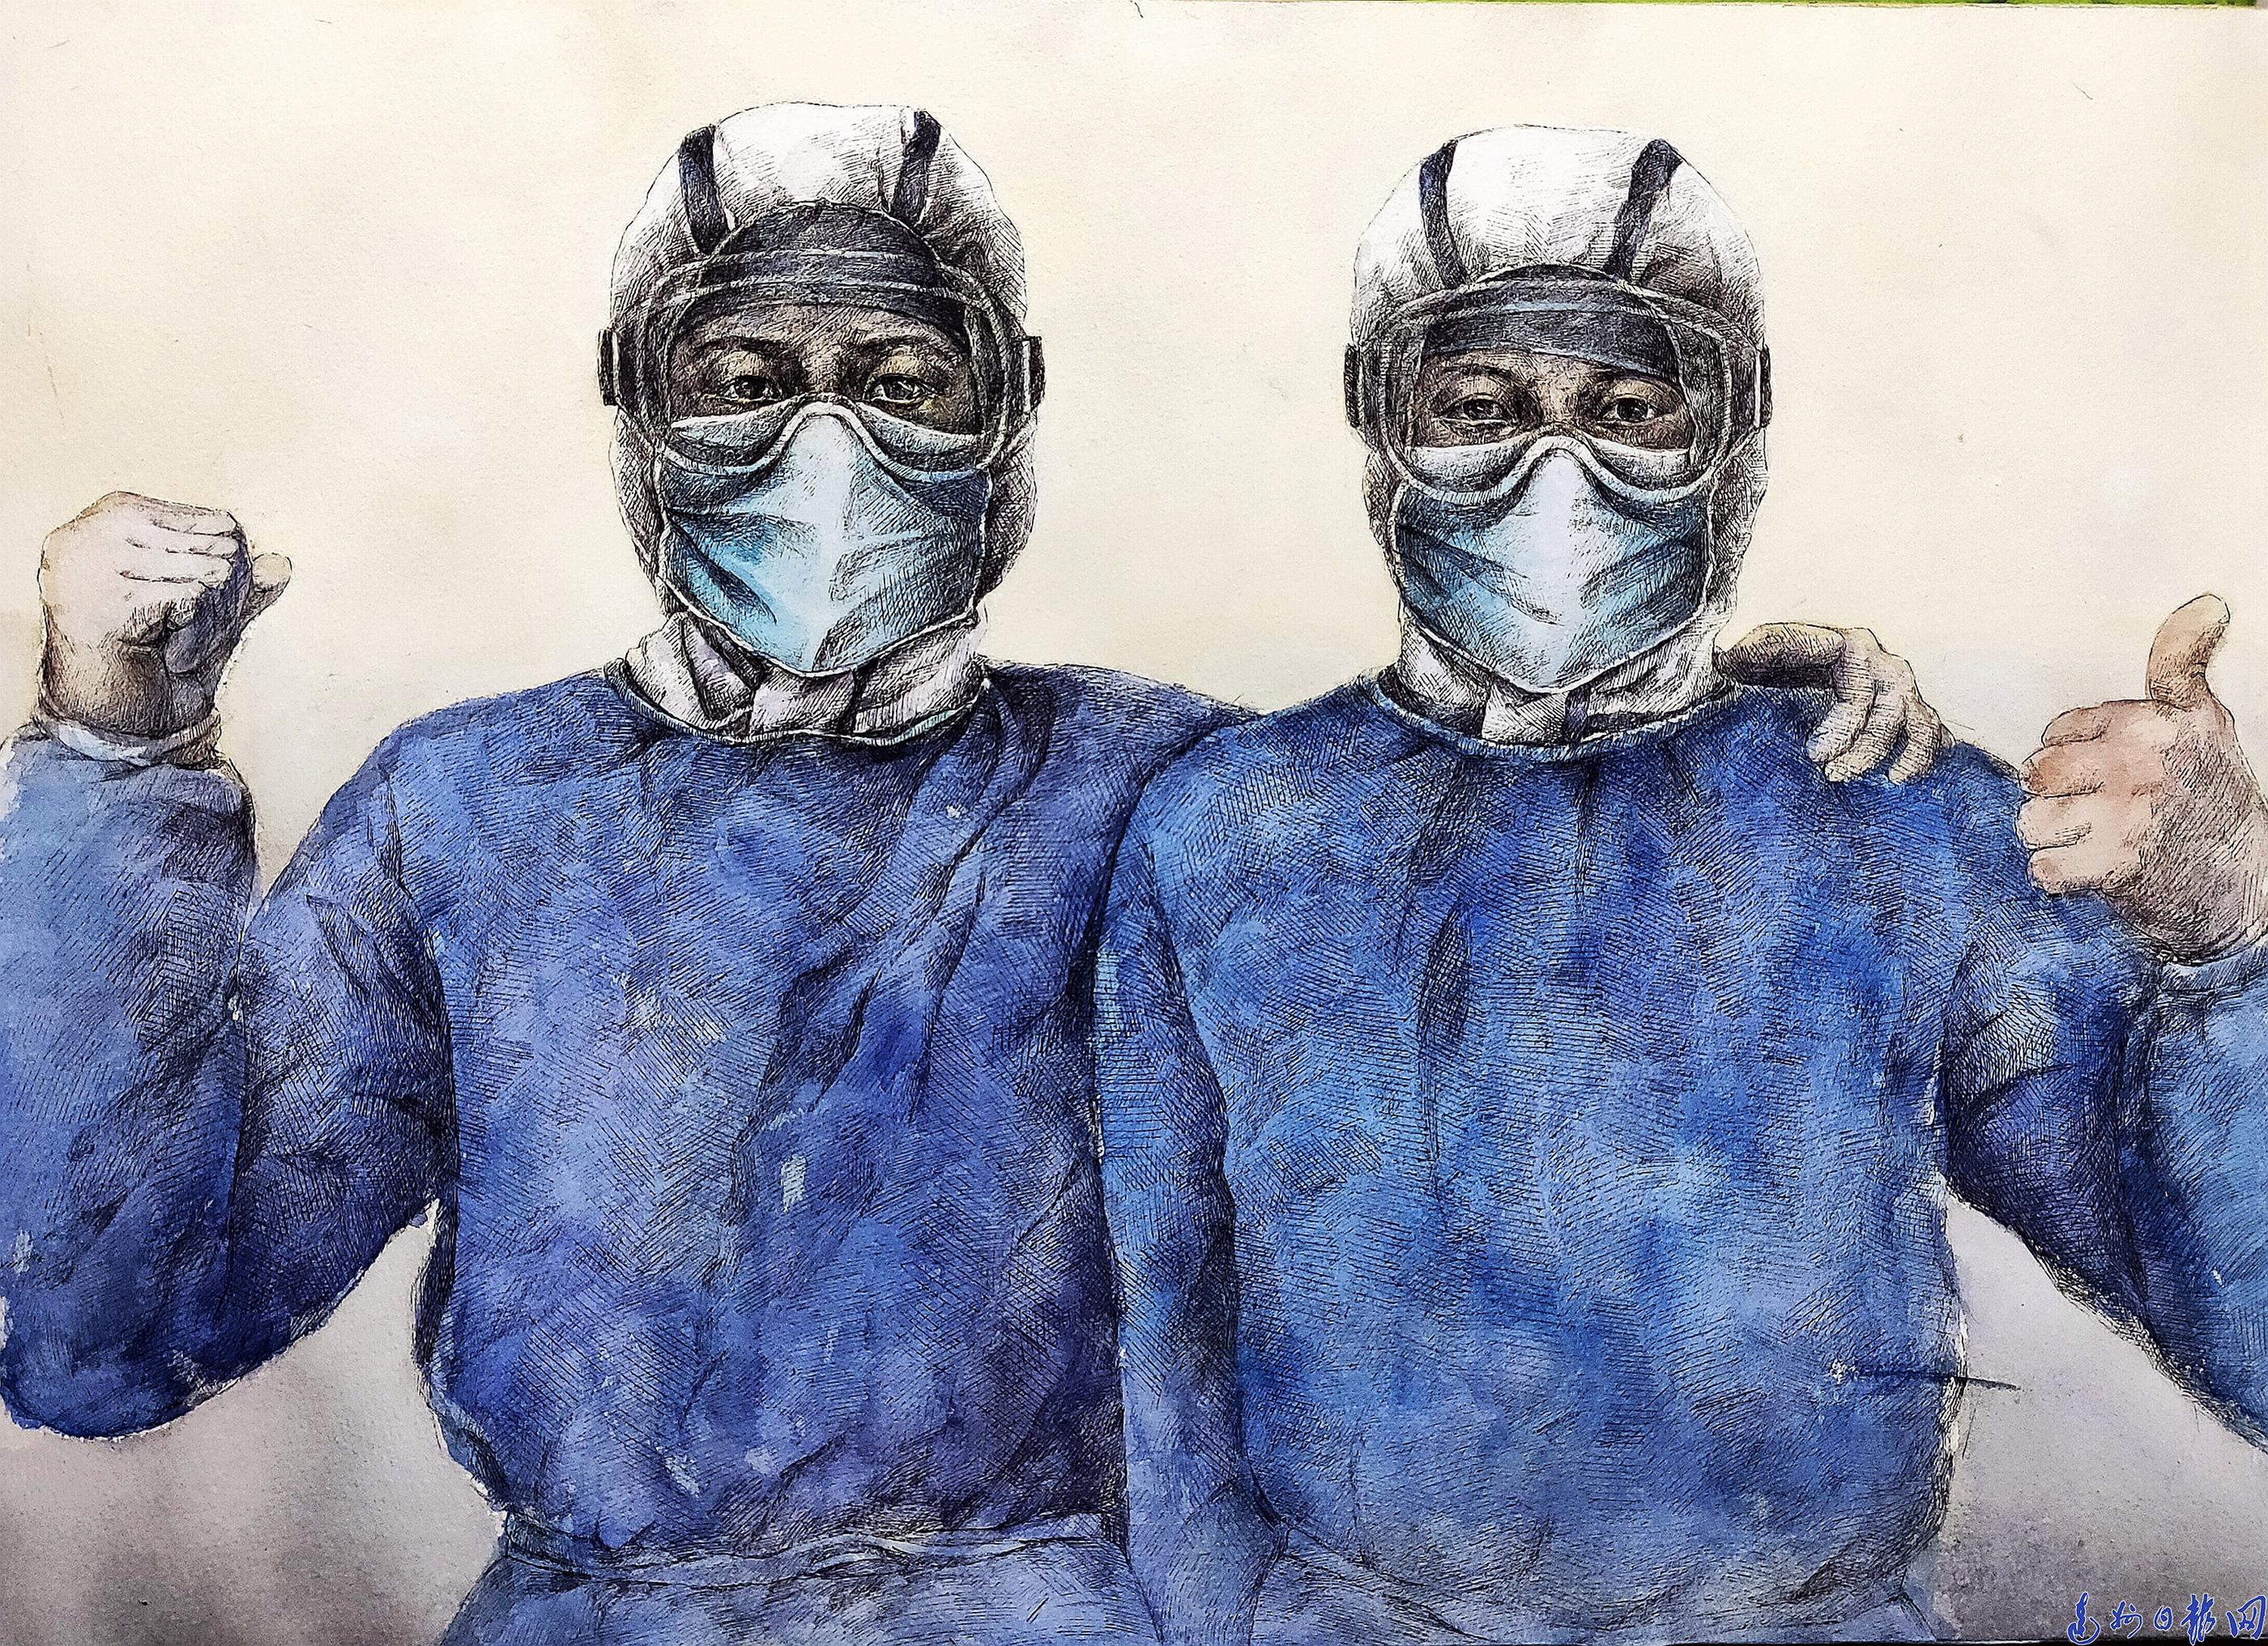 宣汉县举办抗击疫情主题创作网络文艺作品展